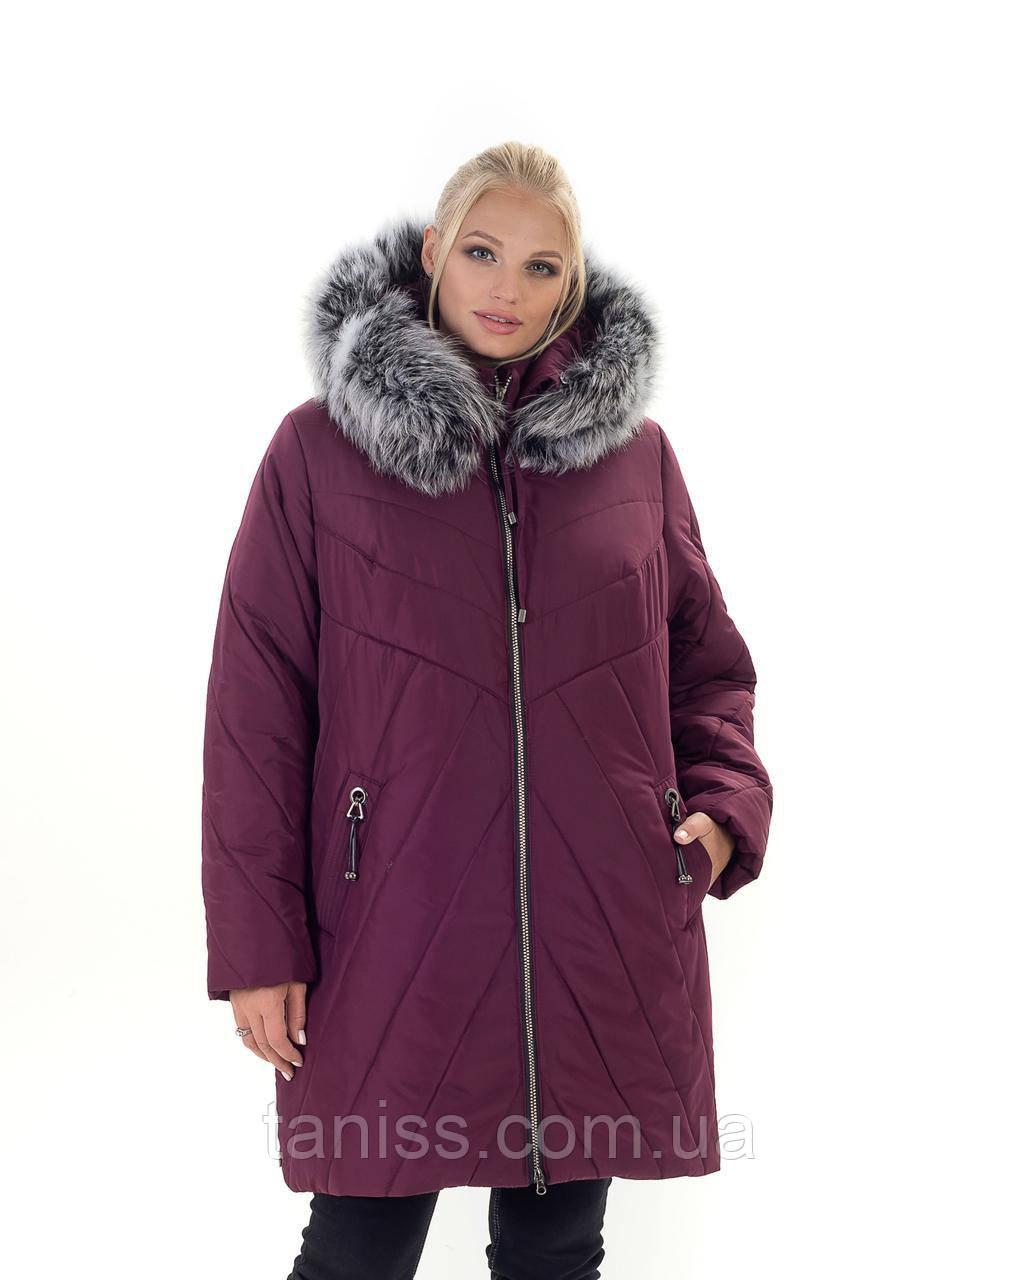 Зимова жіноча куртка, великого розміру, з натуральним хутром,знімний капюшон ,розміри 56,58,марсала